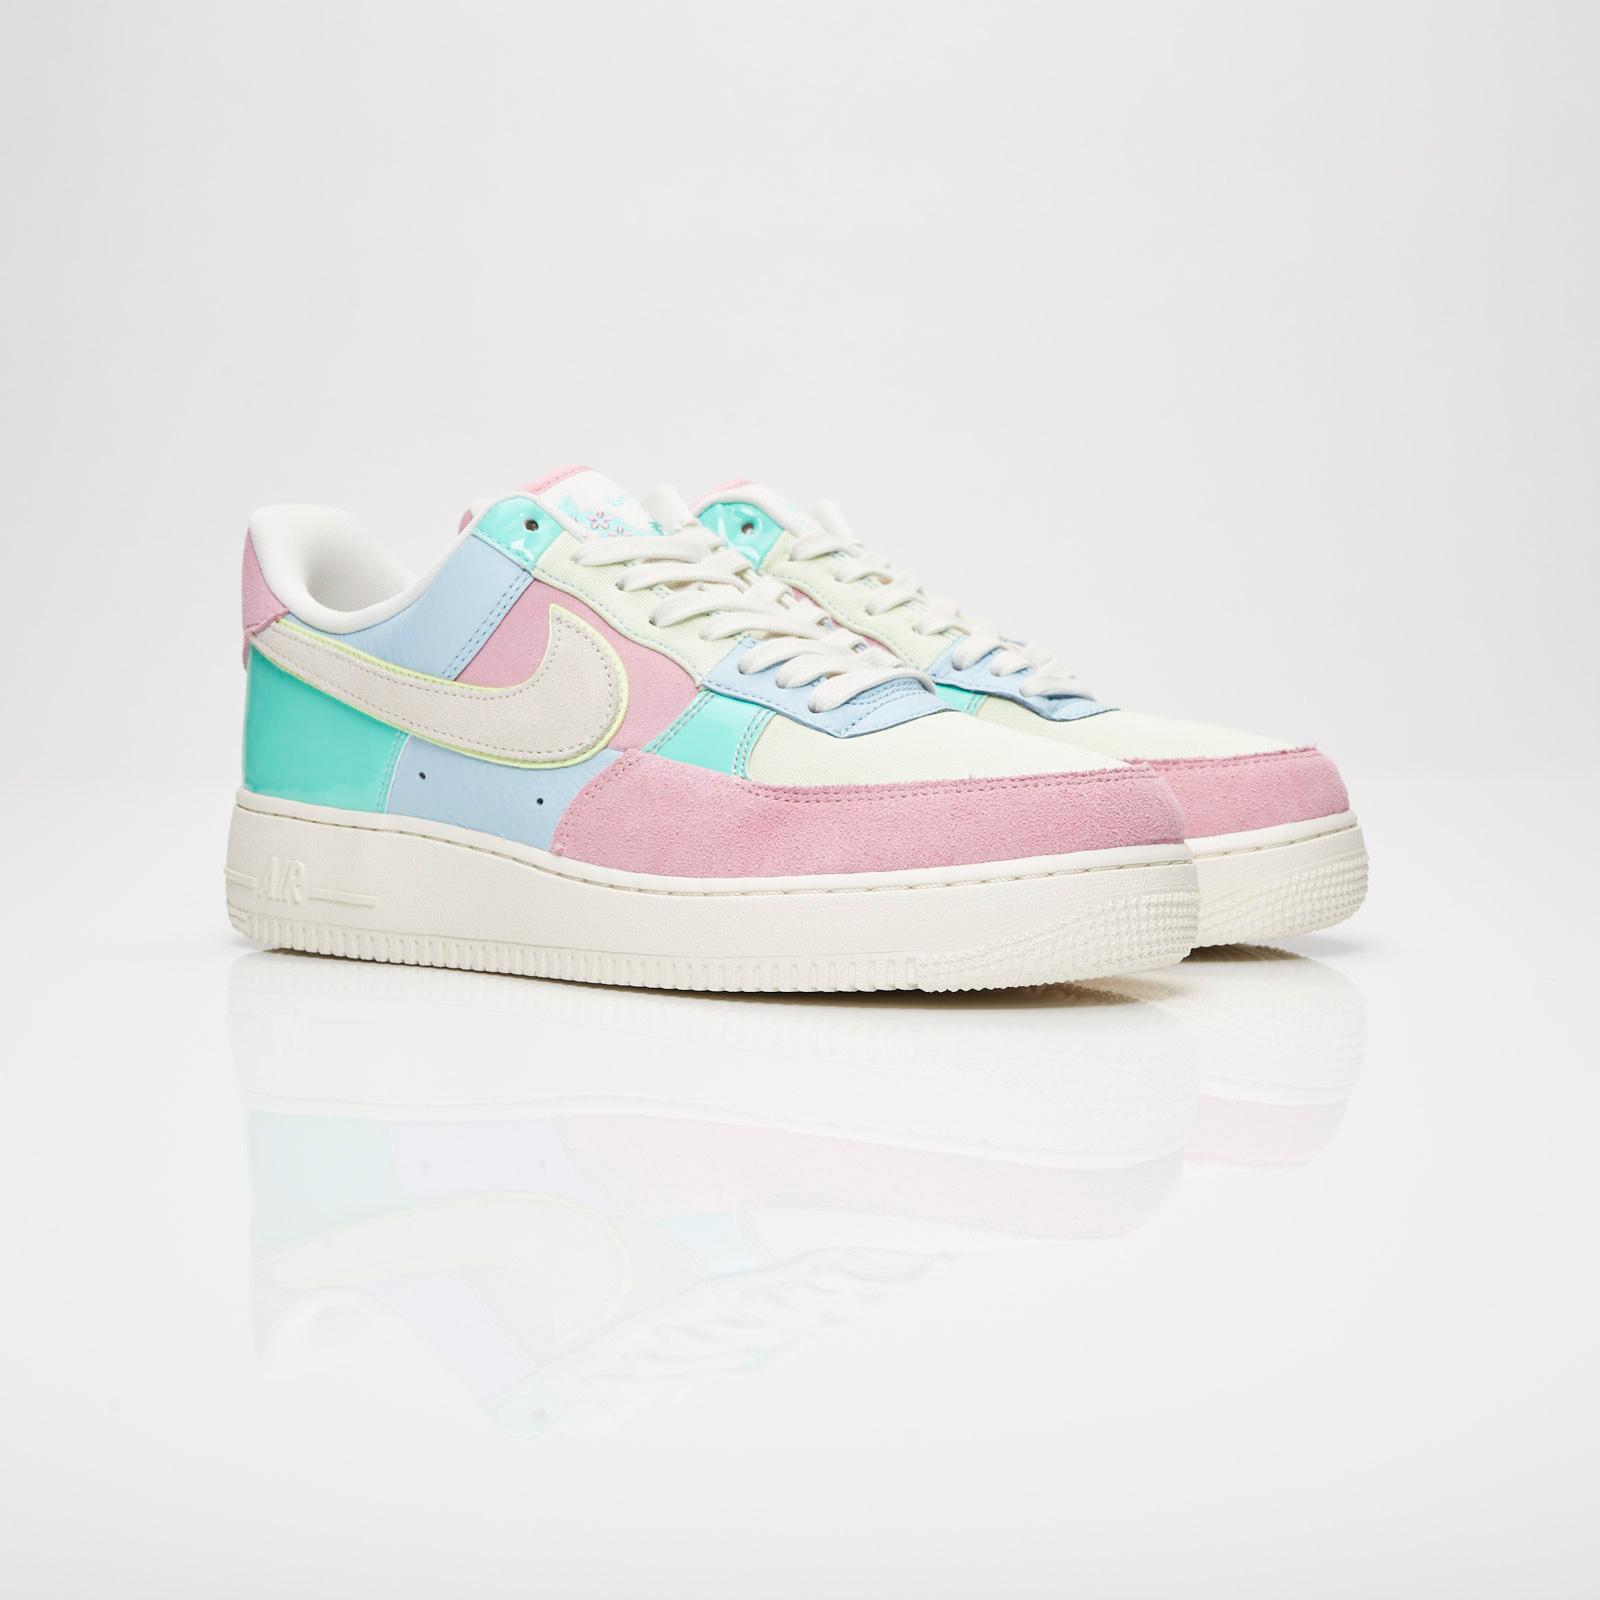 ca140ddc0da4 Nike Air Force 1 07 QS - Ah8462-400 - Sneakersnstuff